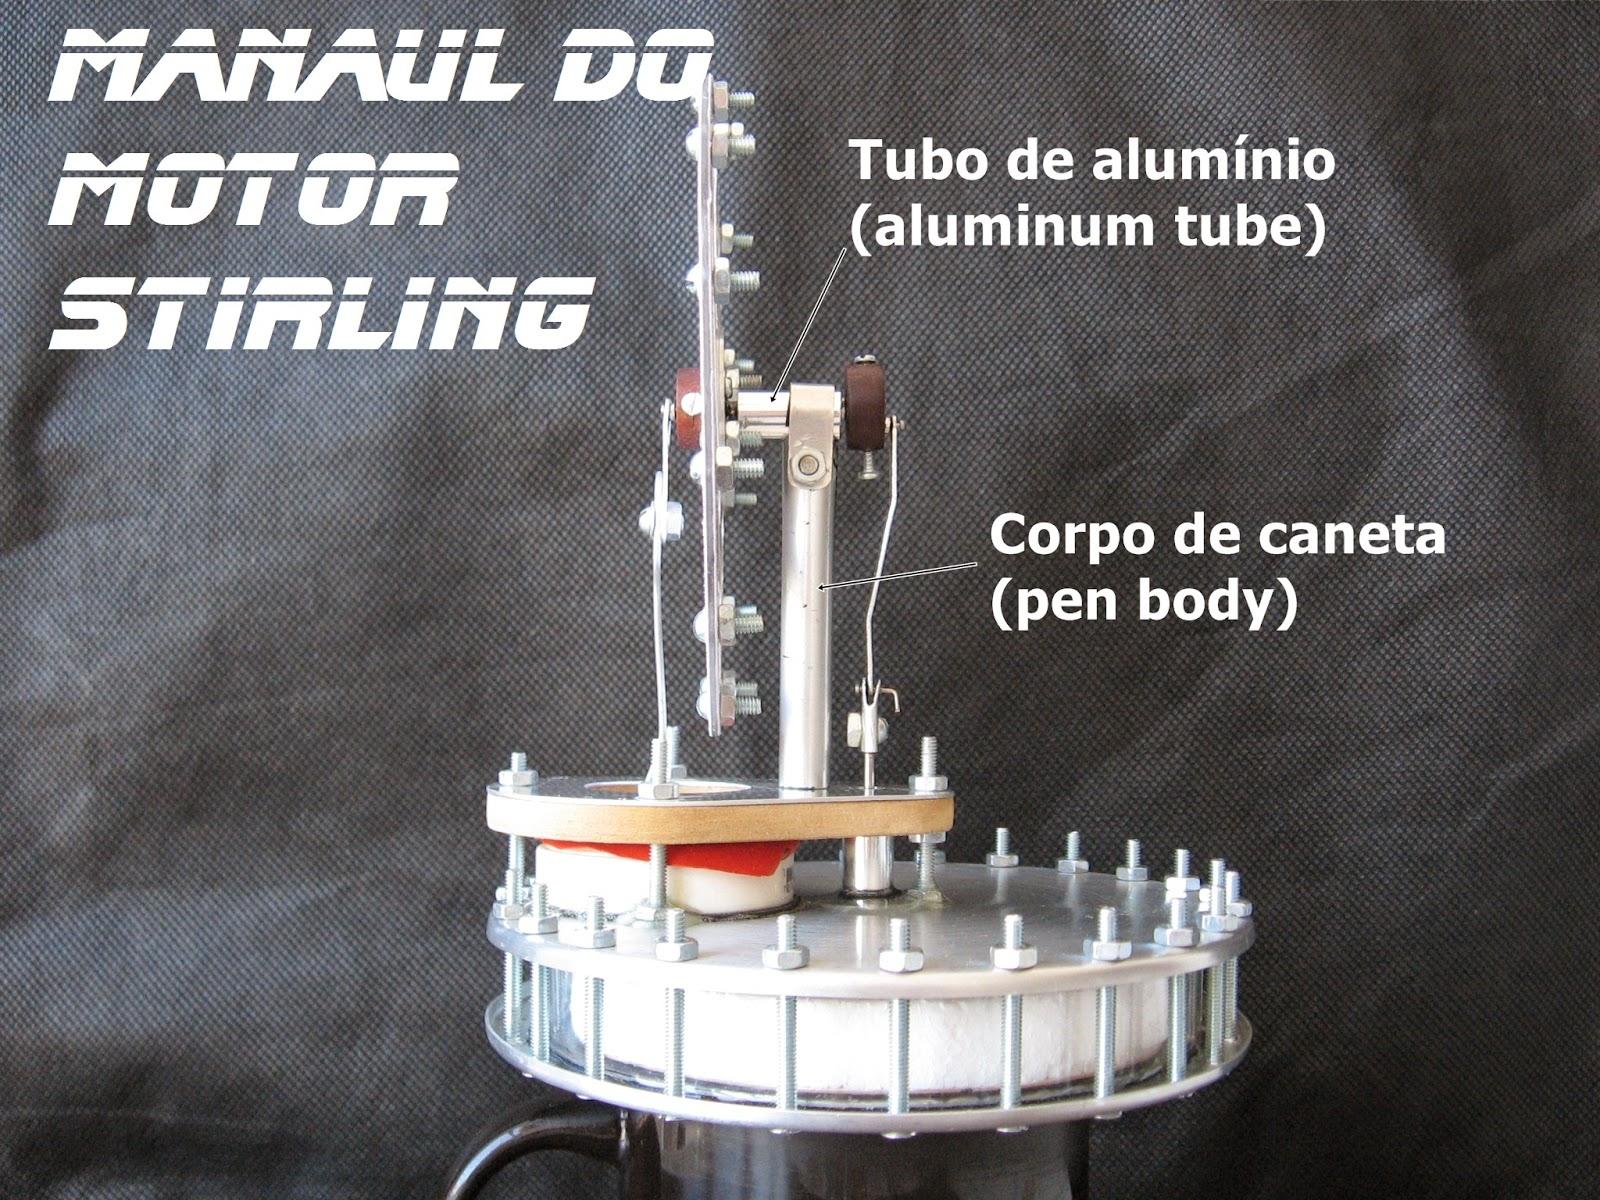 Motor Stirling LTD gama caseiro, exposição de materiais utilizados para sua contrução